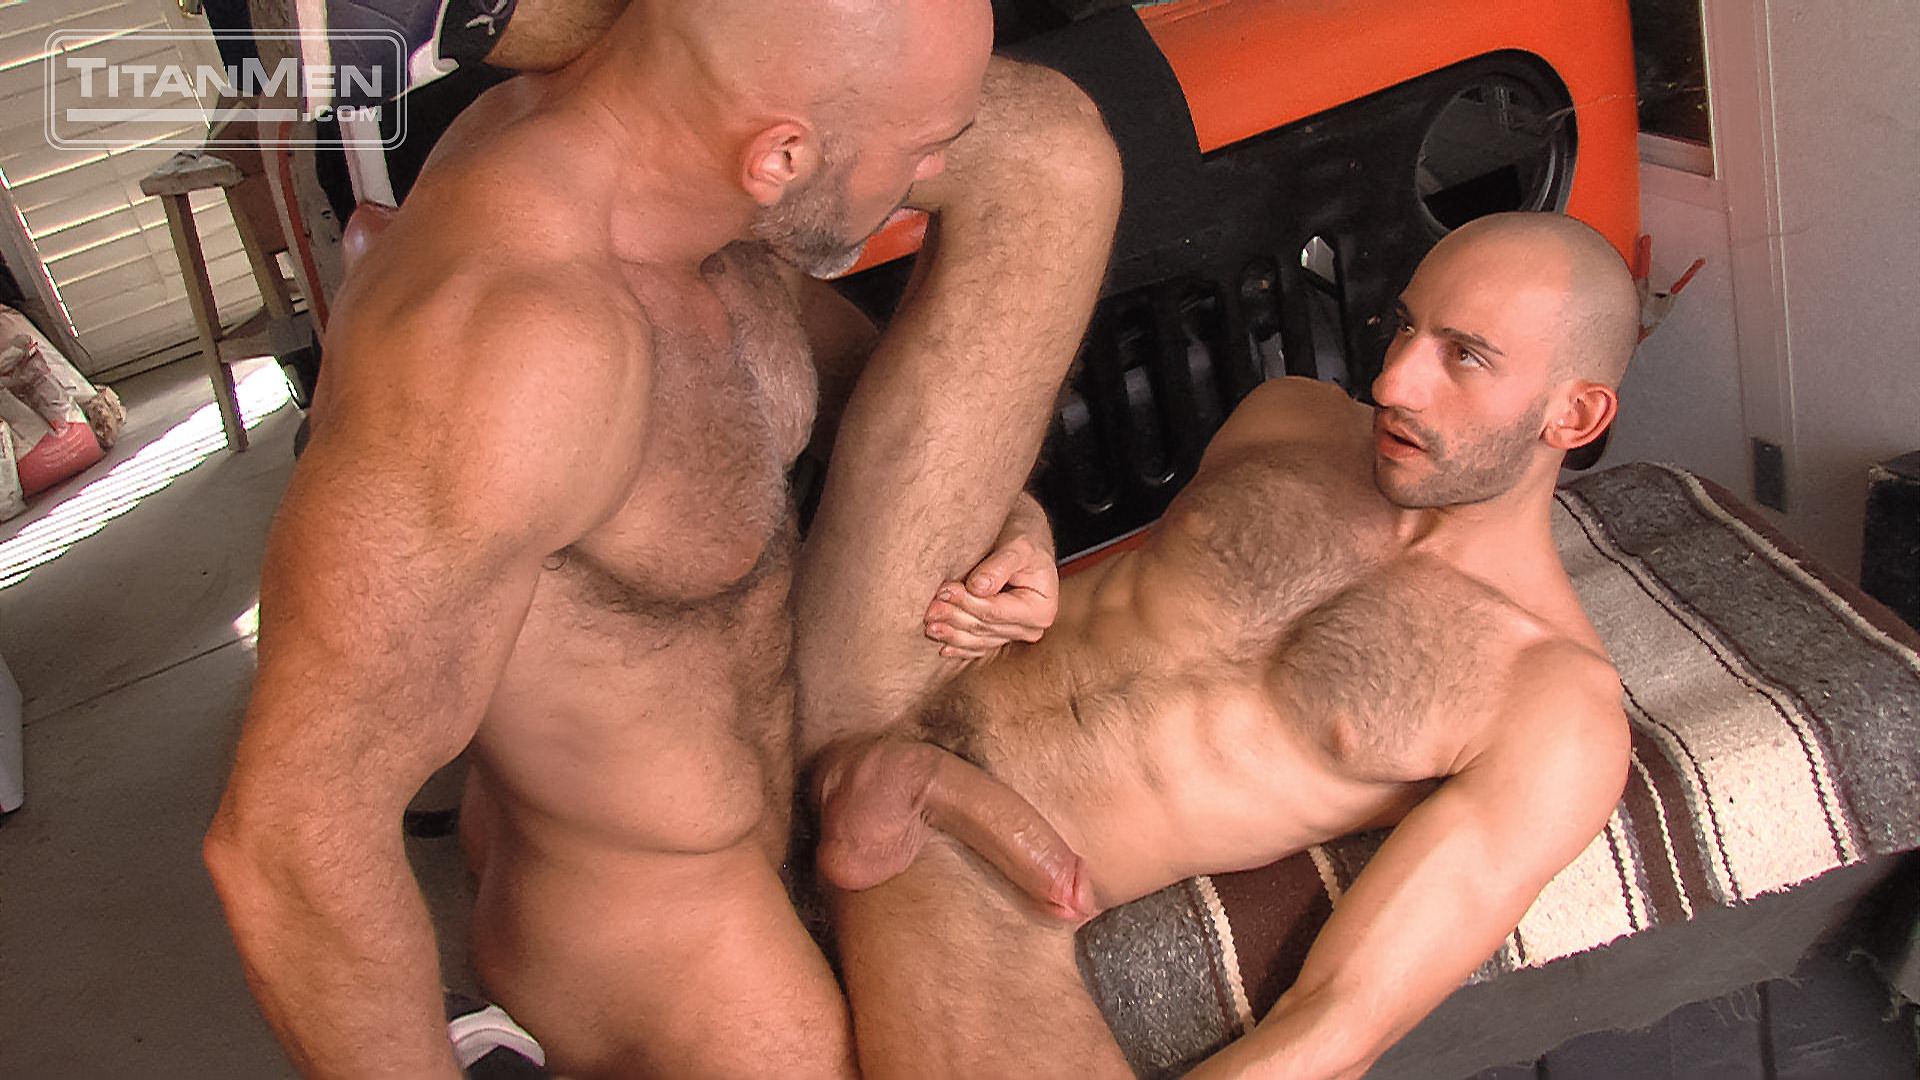 Eric Nero and Jesse Jackman